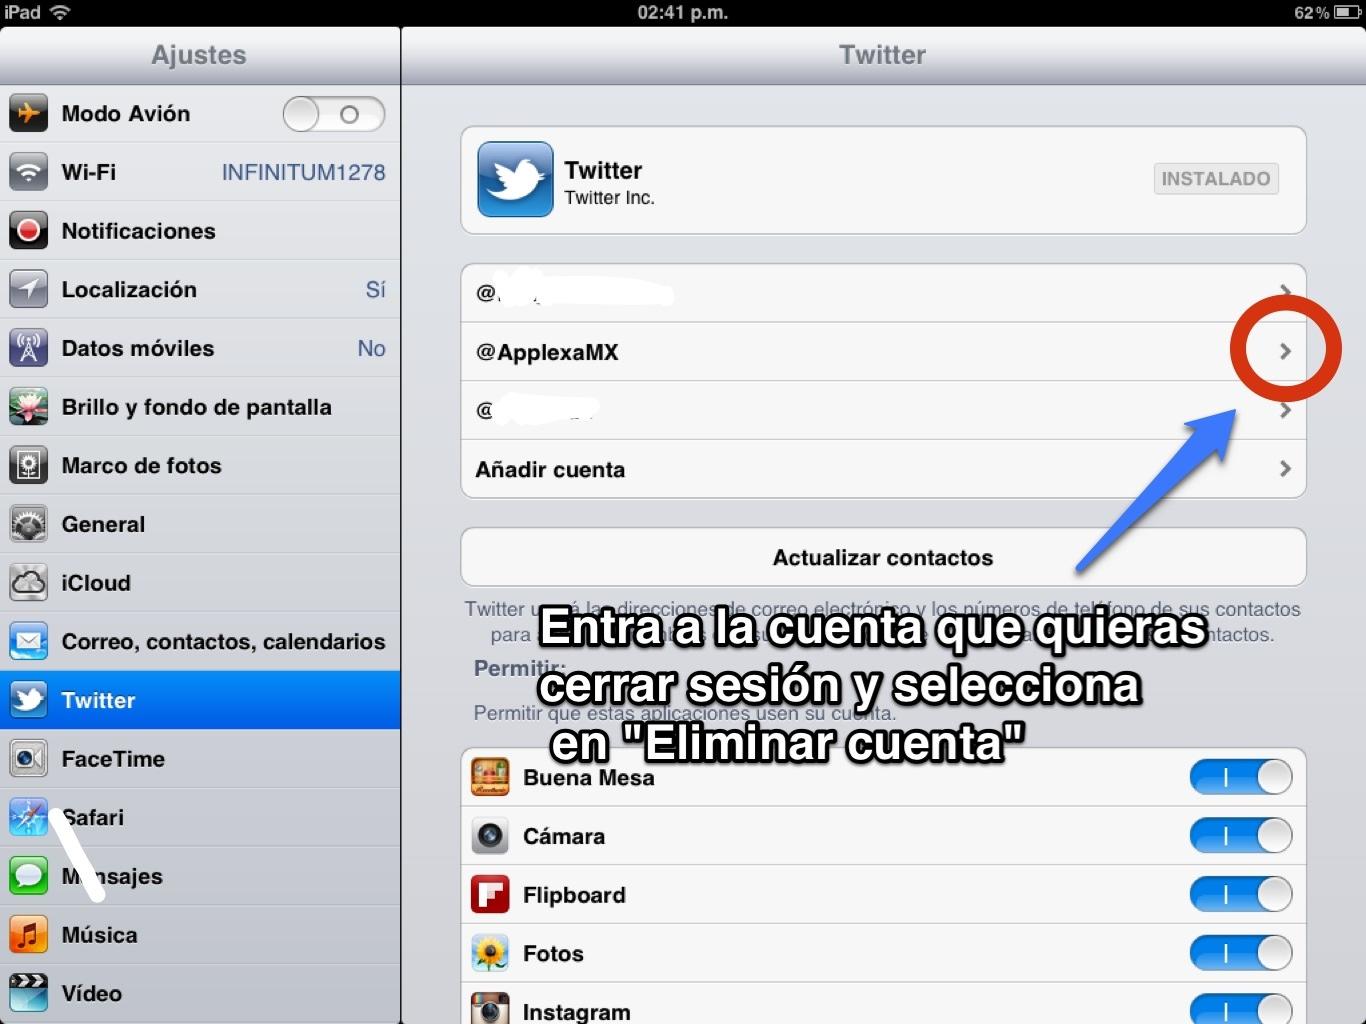 Como cerrar sesión en Twitter desde un iPod Touch/iPhone/iPad #PreguntasFrecuentes http://t.co/A1oFn7nc